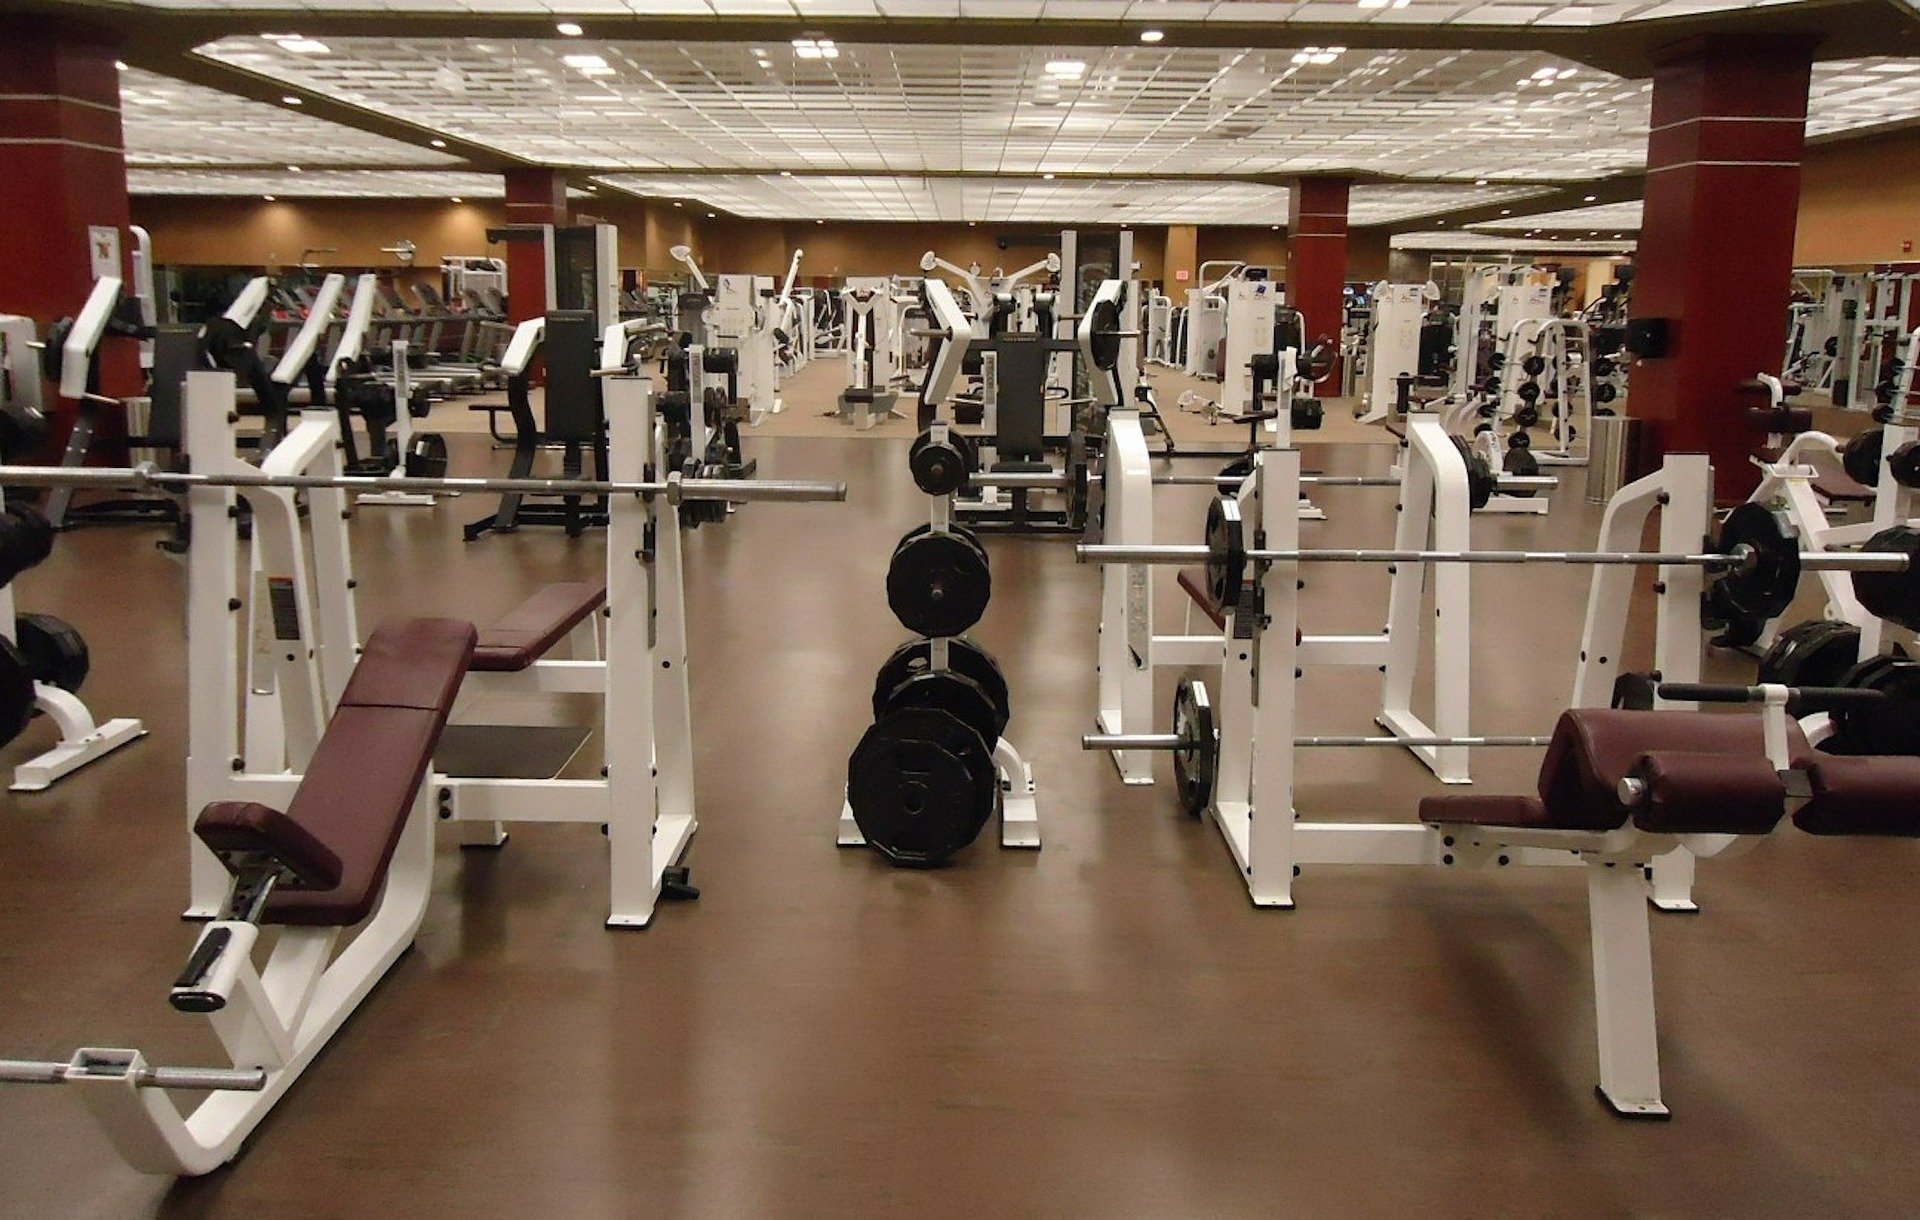 Verkauf von Fitnessstudios – Teil 2: Studioverkauf aus rechtlicher Sicht